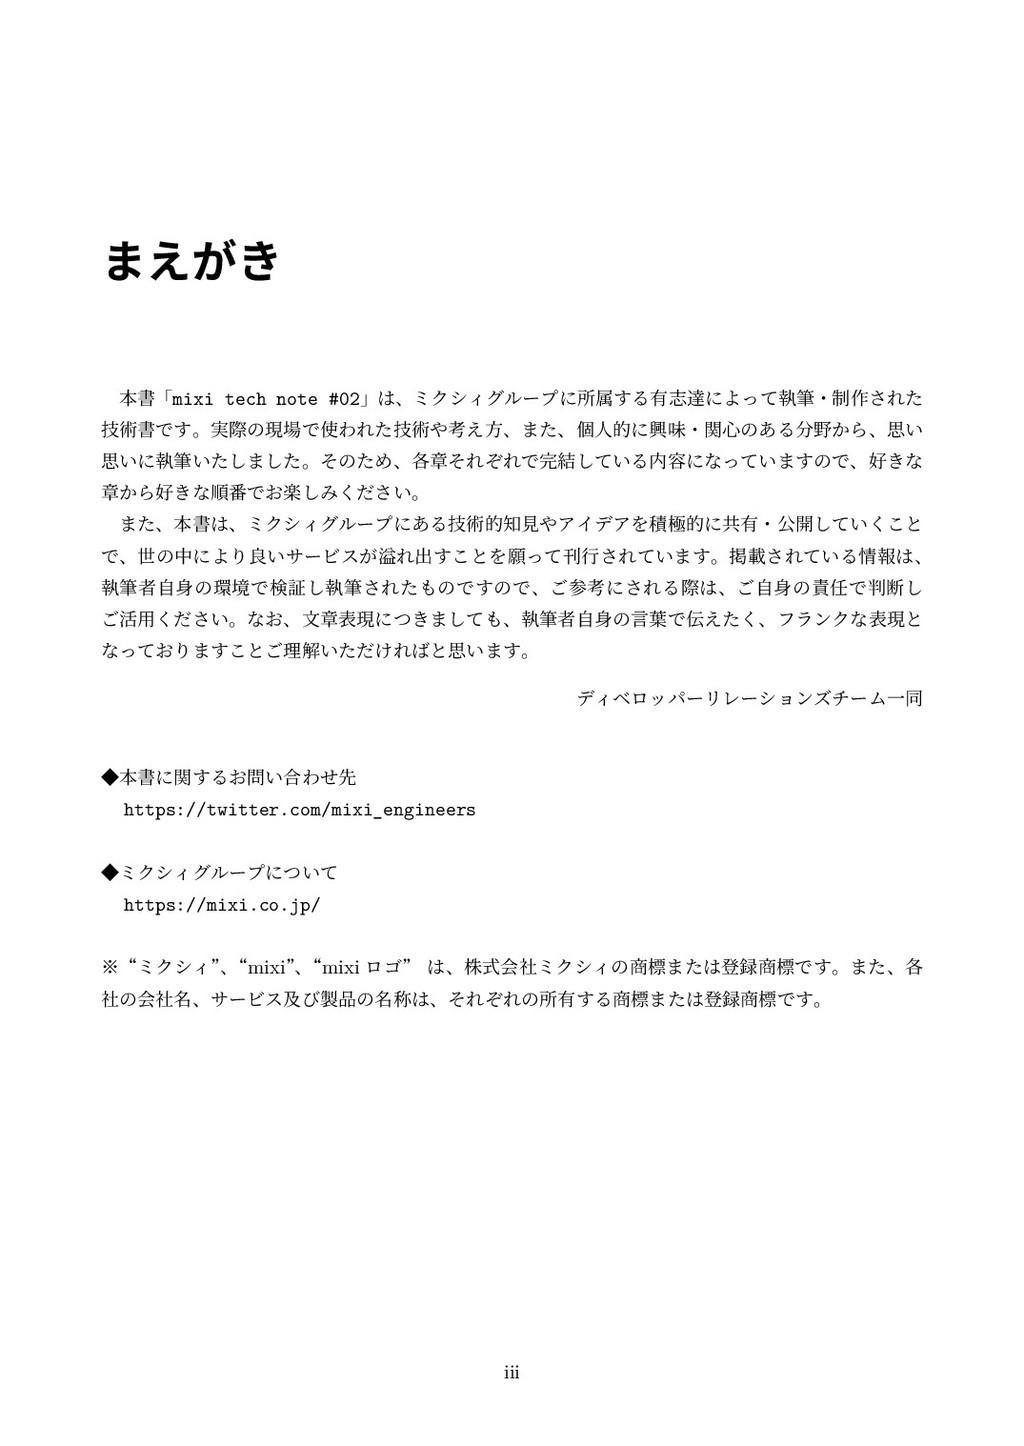 まえがき 本書「mixi tech note #02」は、ミクシィグループに所属する有志達によ...